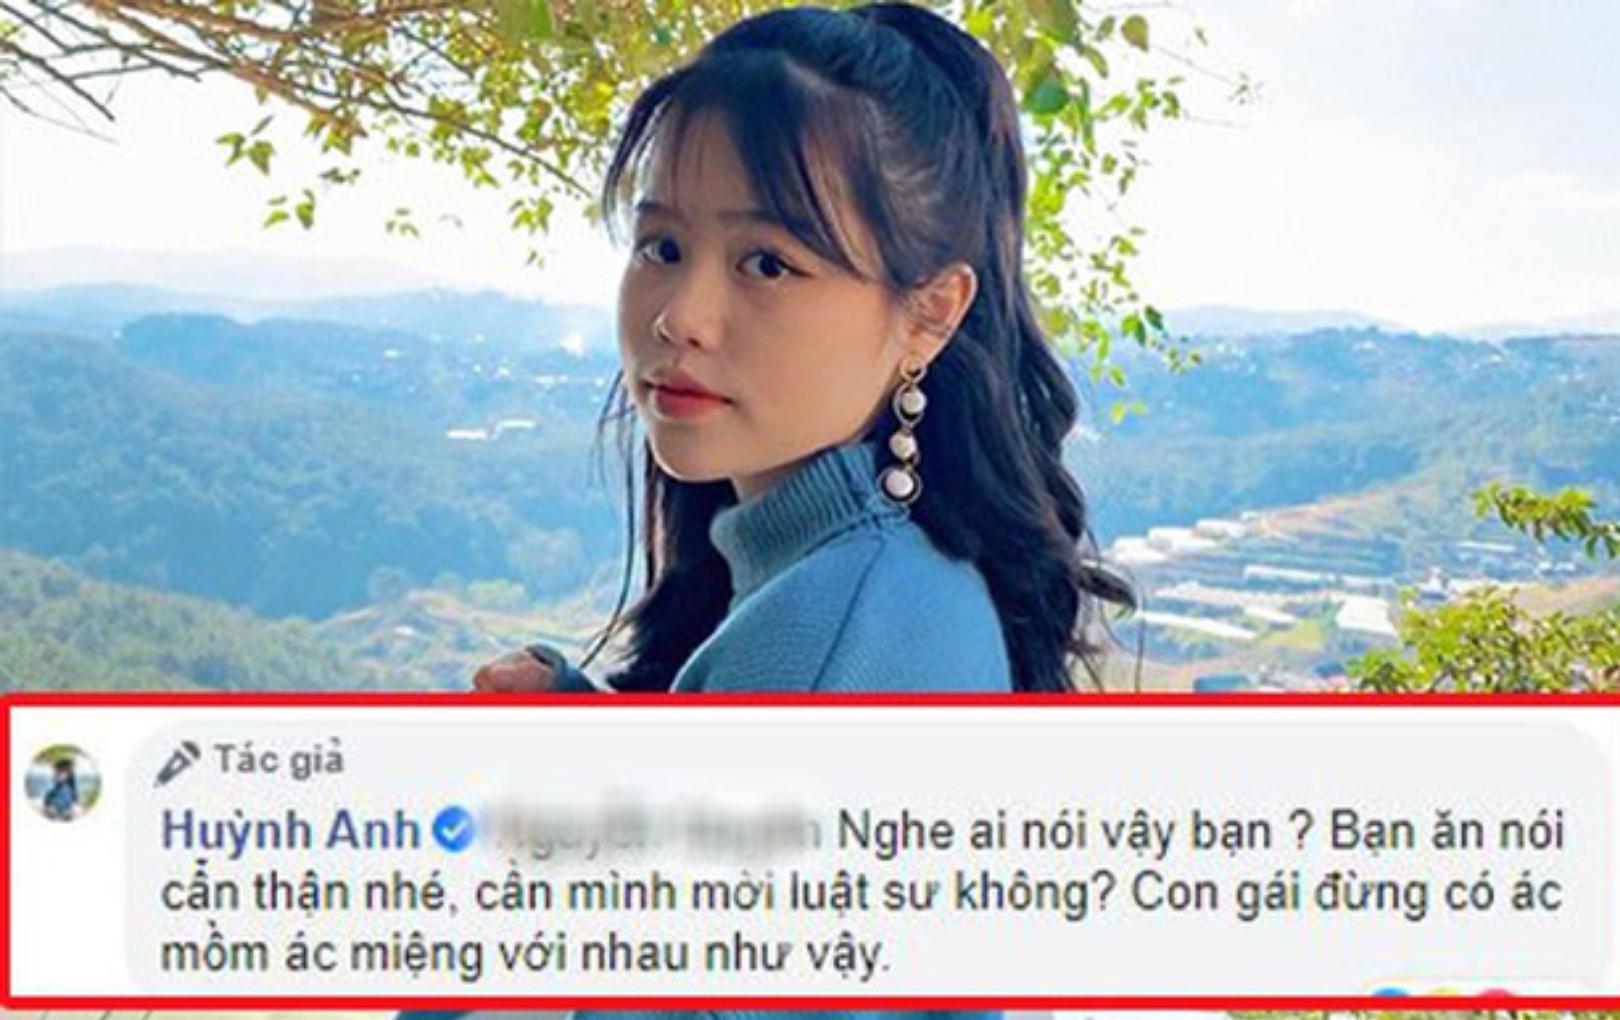 """Huỳnh Anh (bạn gái Quang Hải) muốn """"mời luật sư"""" khi bị anti-fan làm phiền trên Facebook cá nhân"""